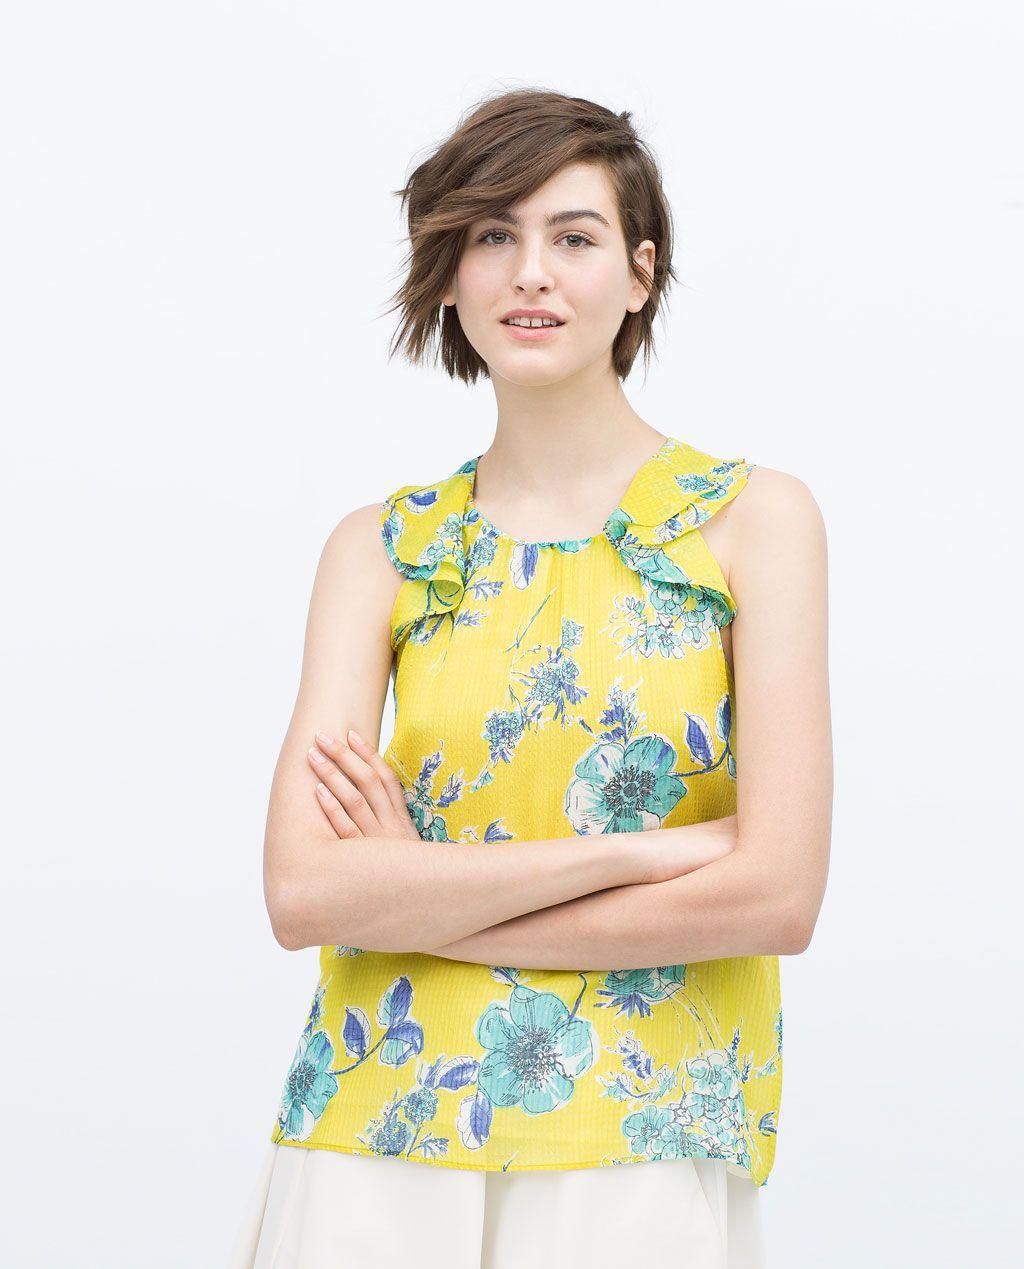 ZARA MUJER TOP ESTAMPADO VOLANTES | Moda para mujeres